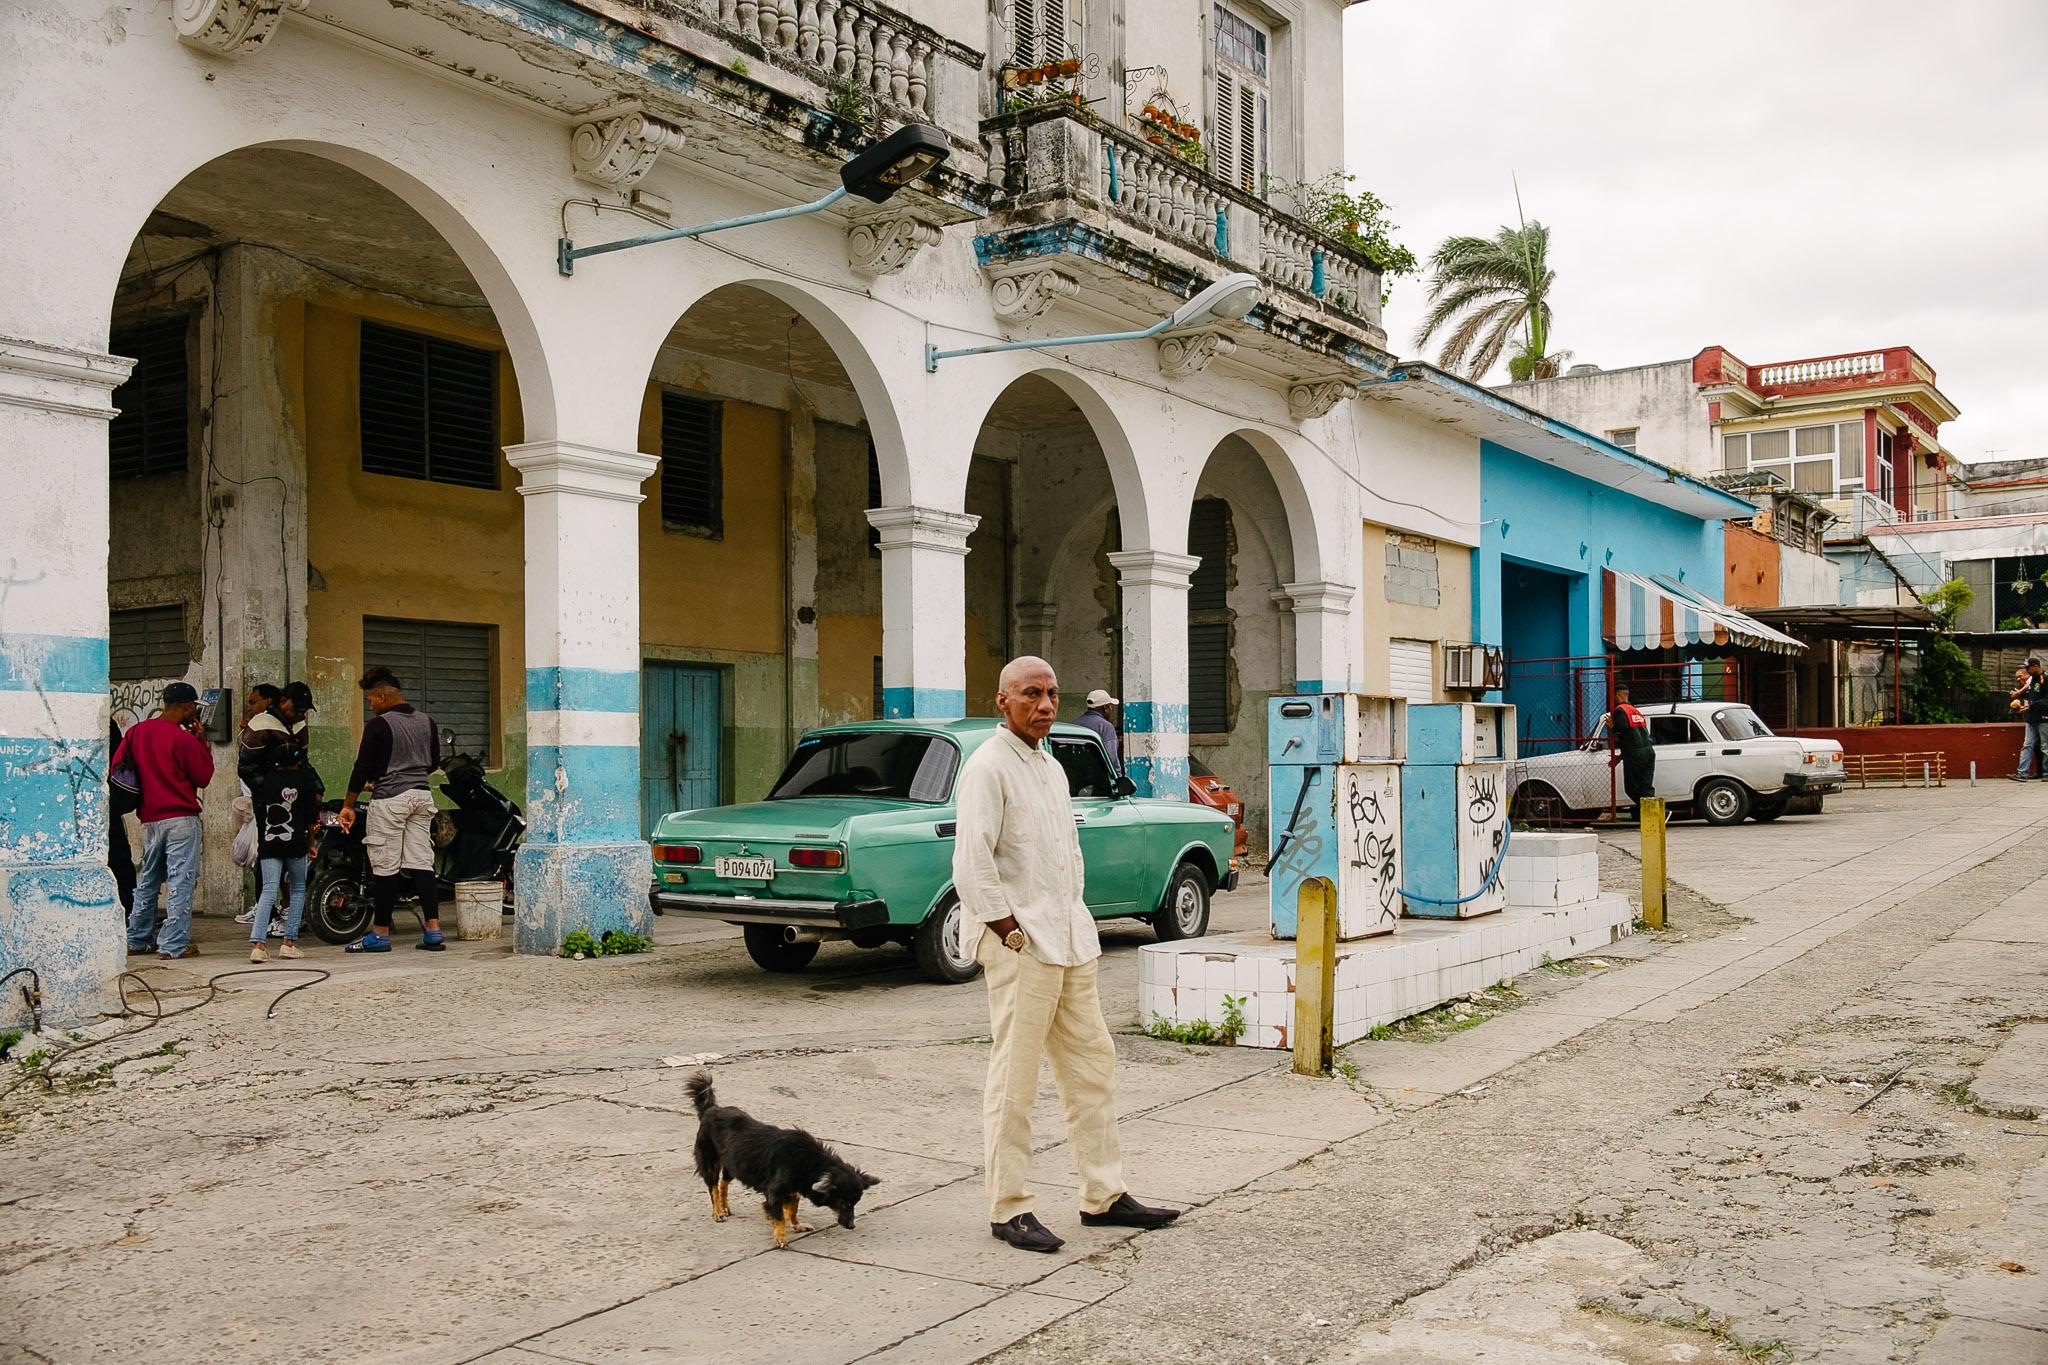 Cuba-2017-12-Havana-0207.jpg